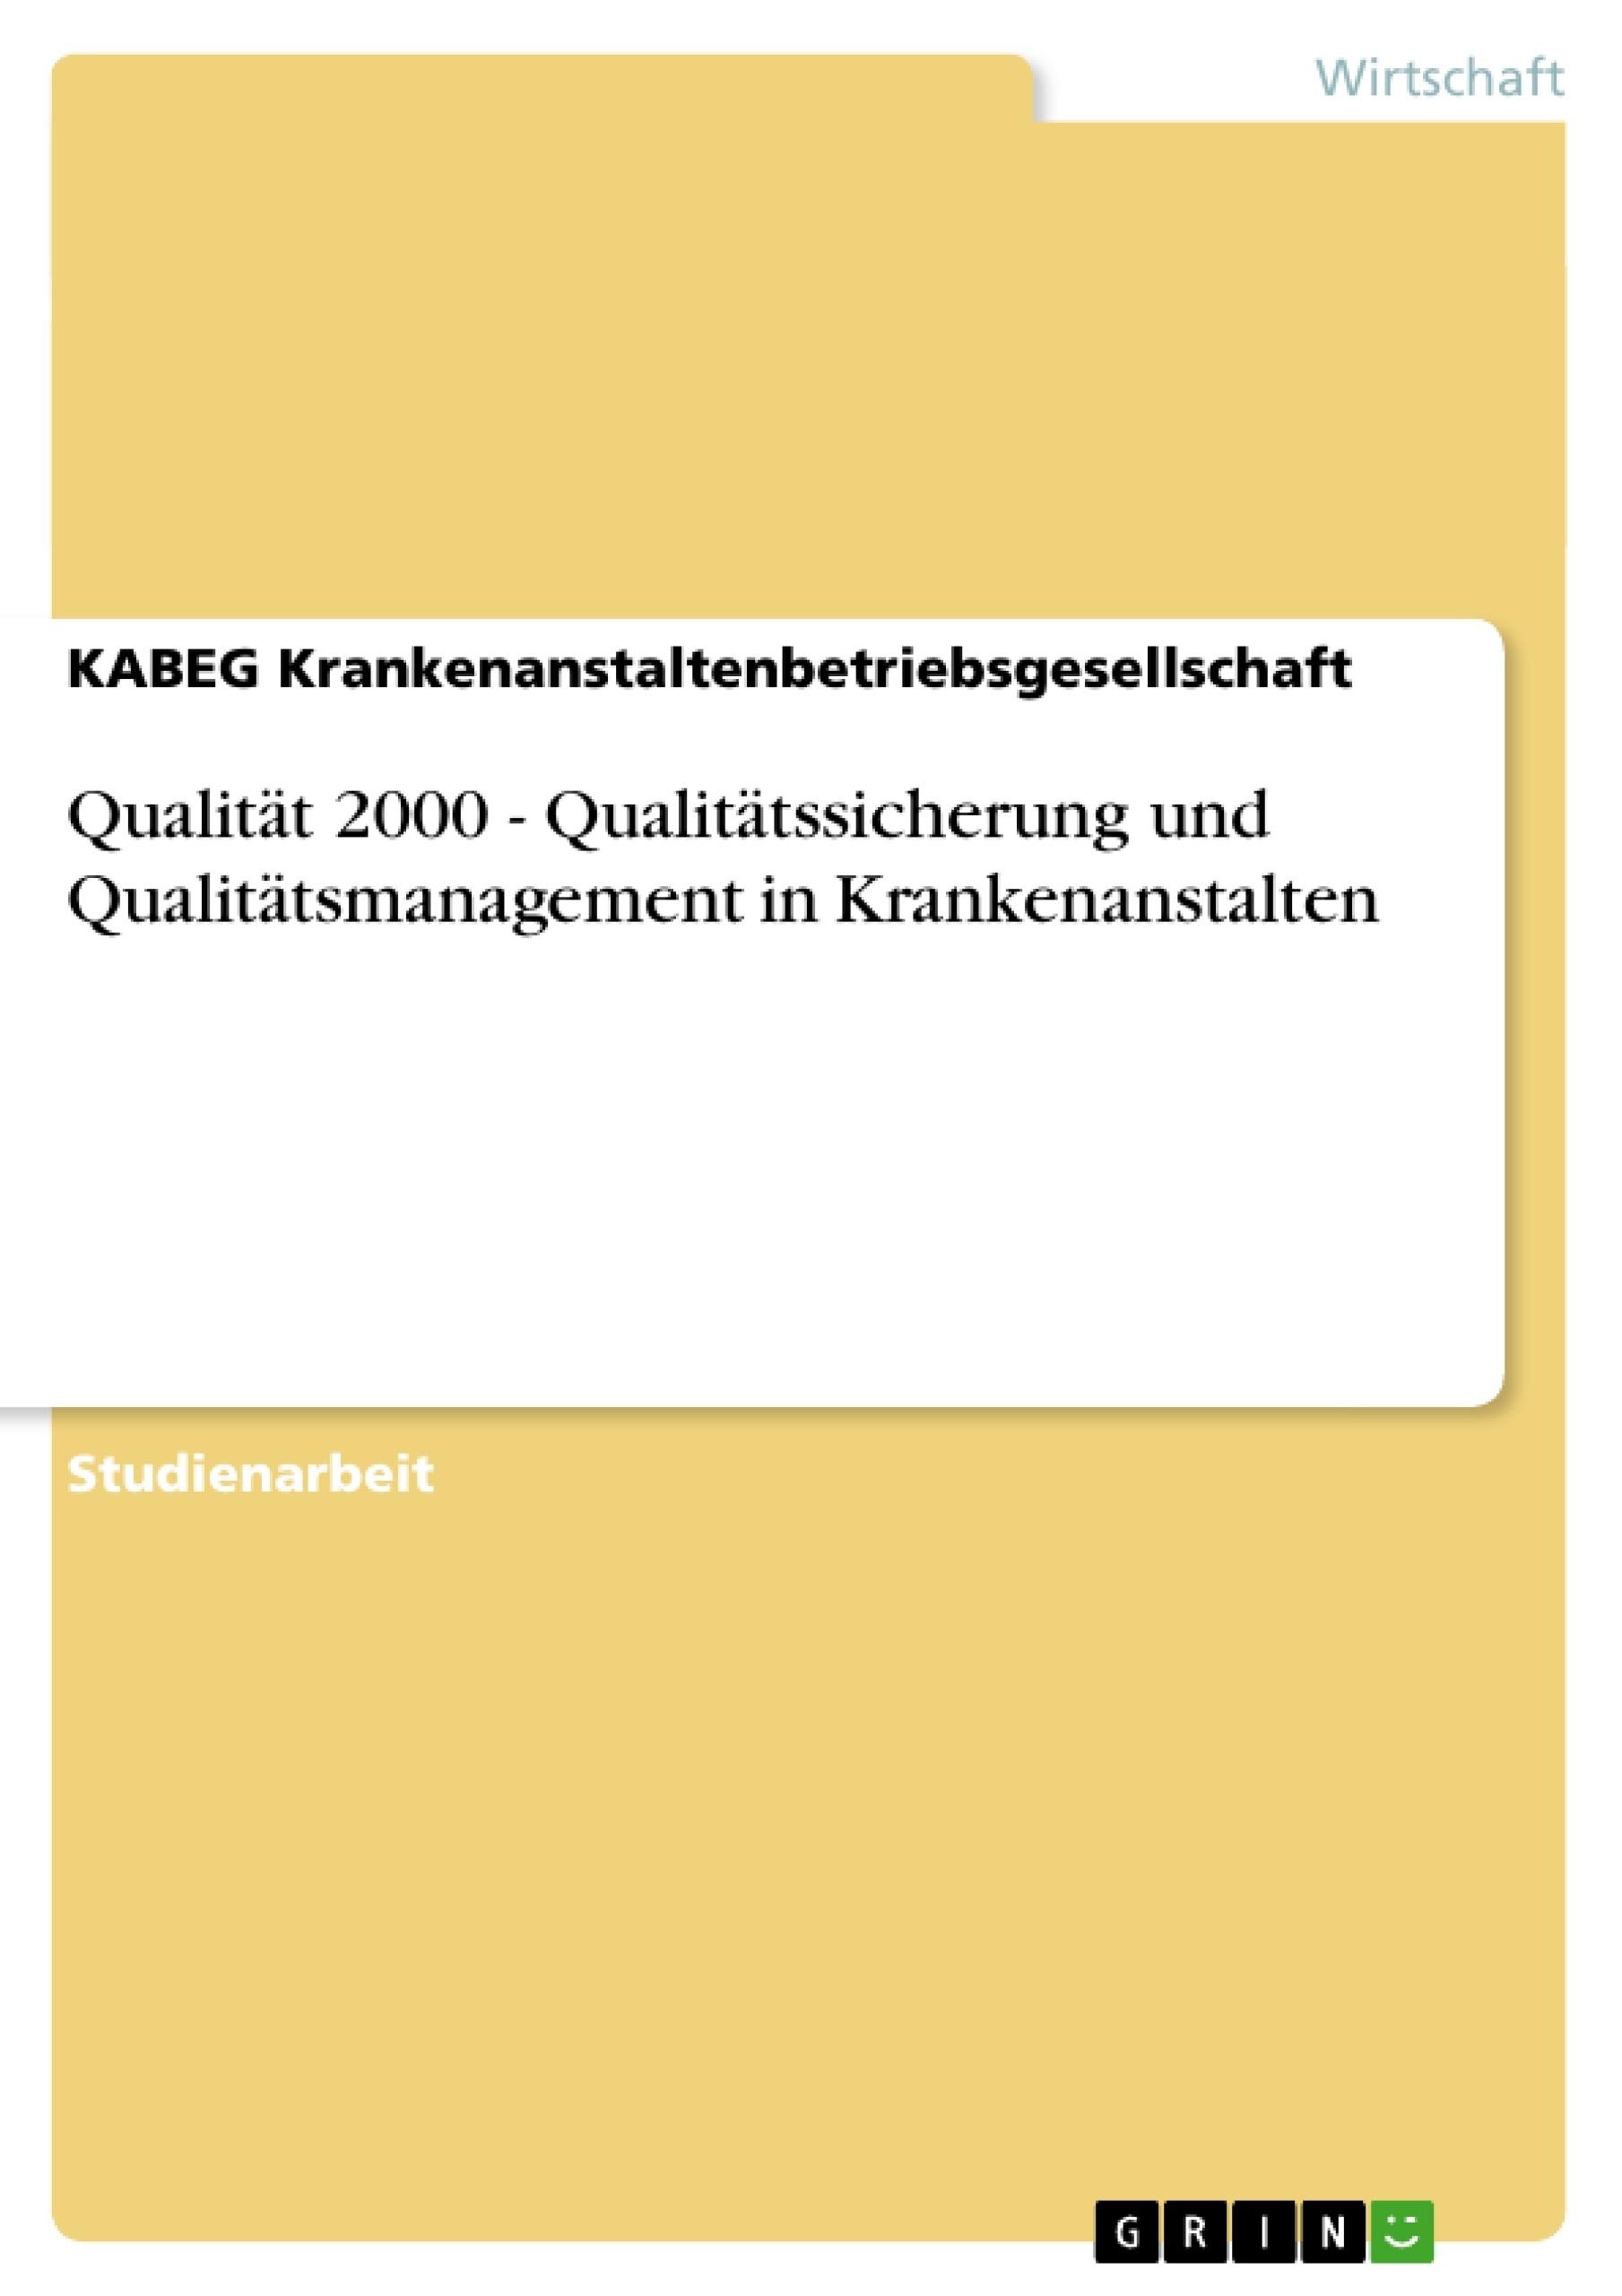 Titel: Qualität 2000 - Qualitätssicherung und Qualitätsmanagement in Krankenanstalten